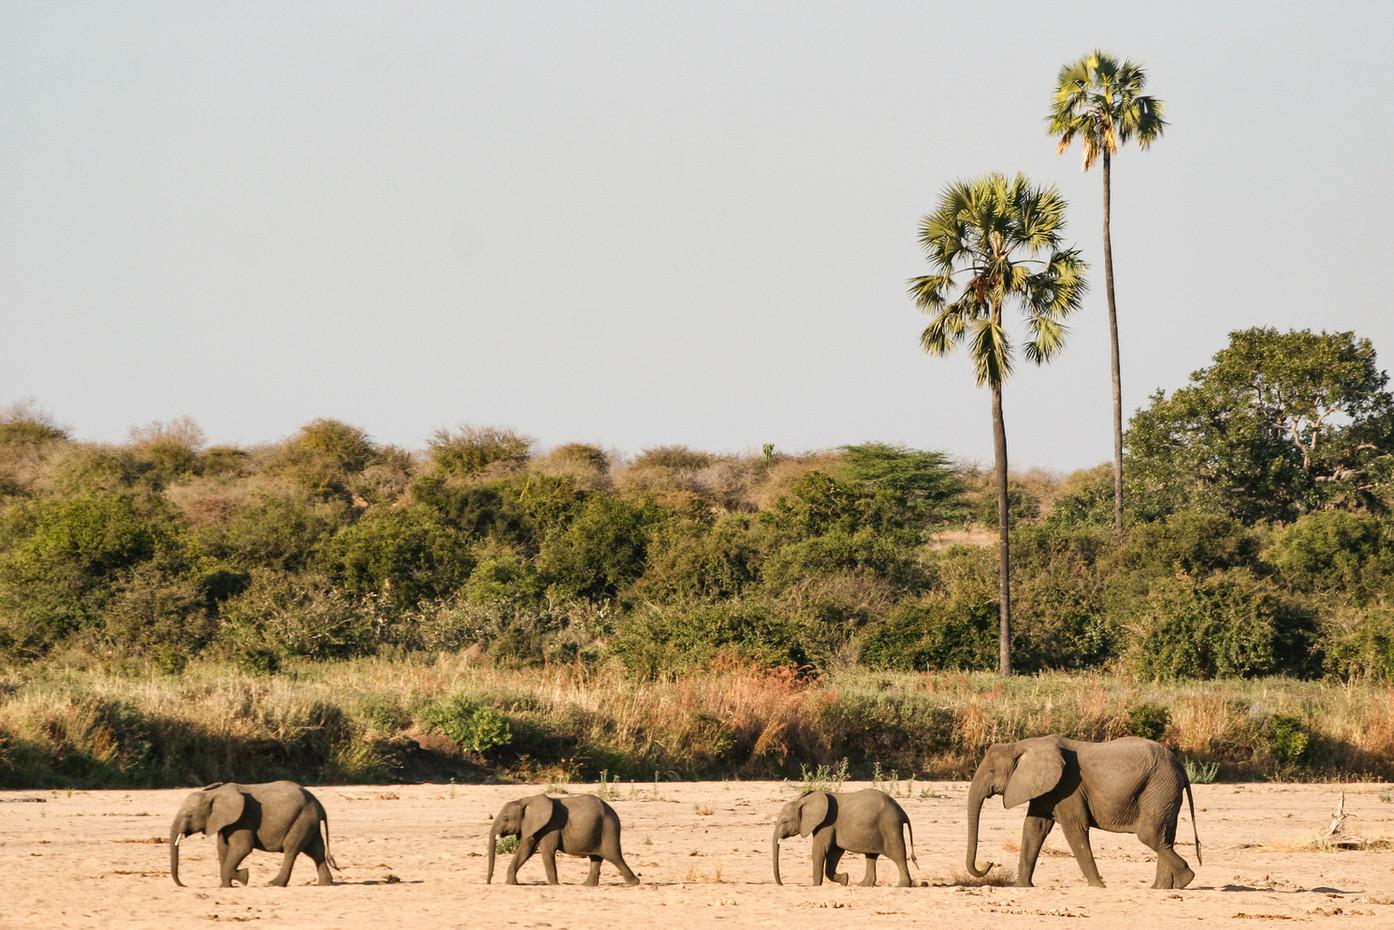 Elephants in Ruaha NP, Tanzania